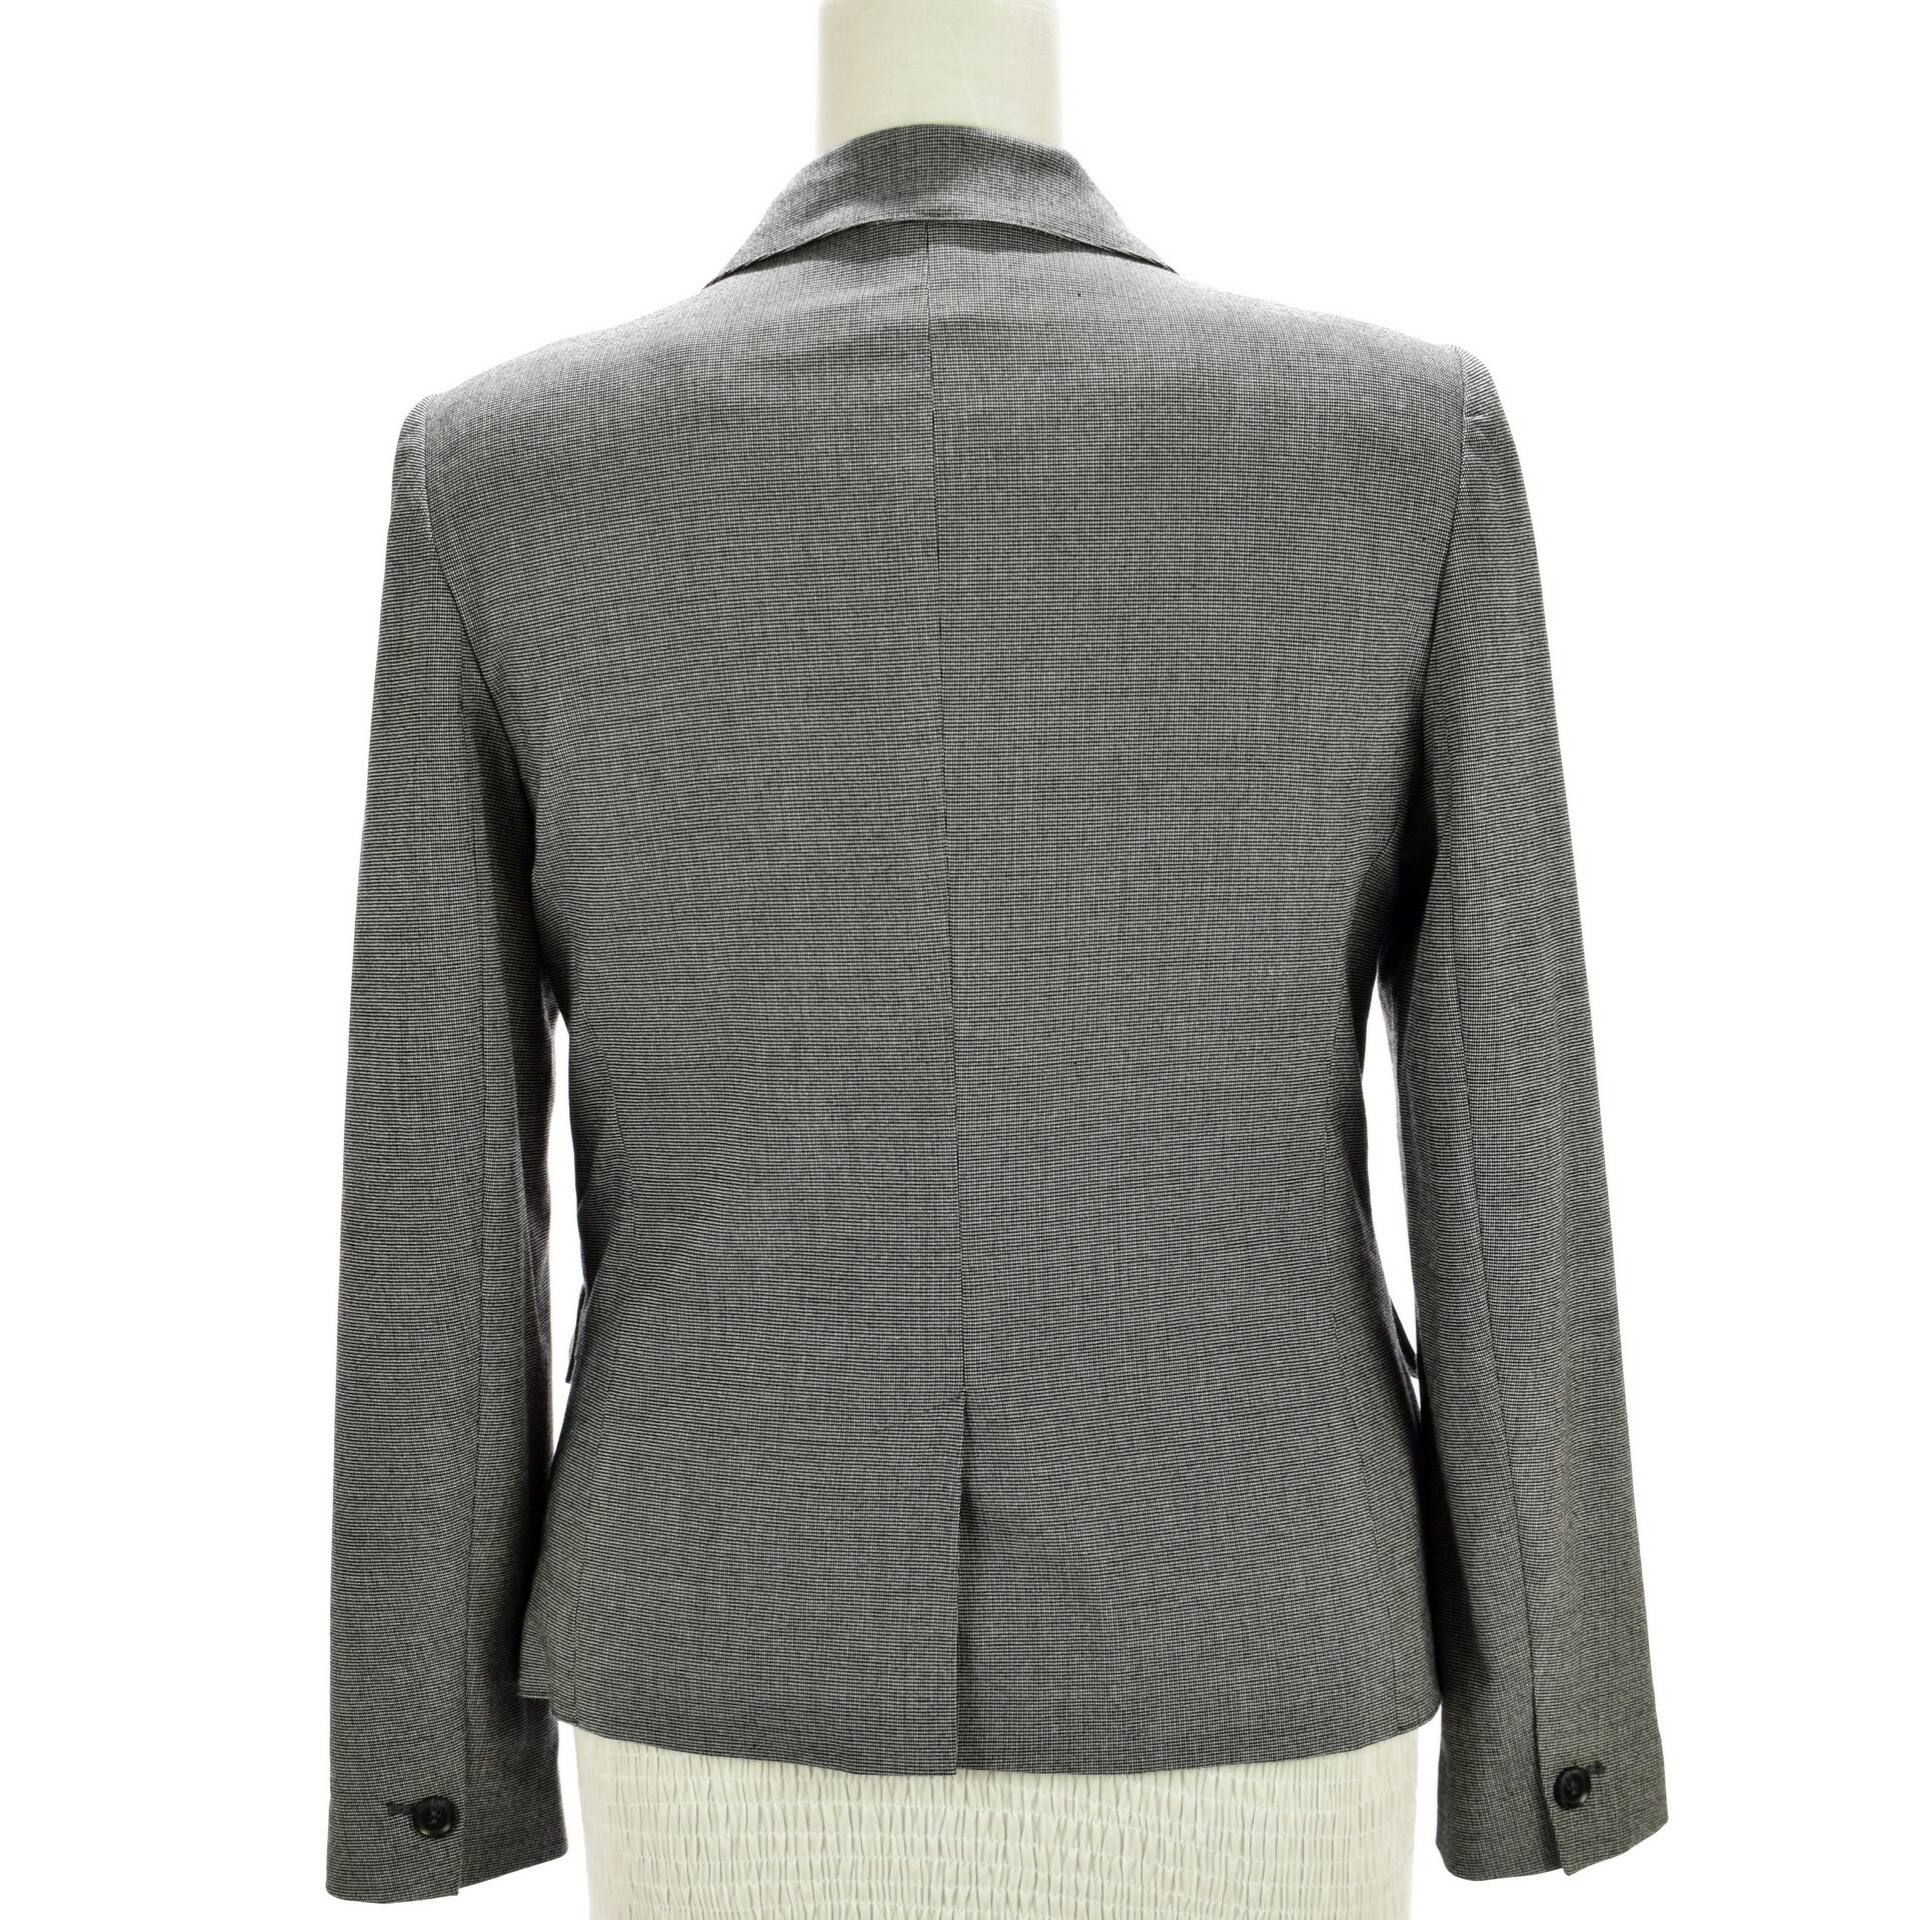 7685c2fae3 Charles Vögele szürke nadrágkosztüm (Méret: M) - Női ruha - Öltözz ...